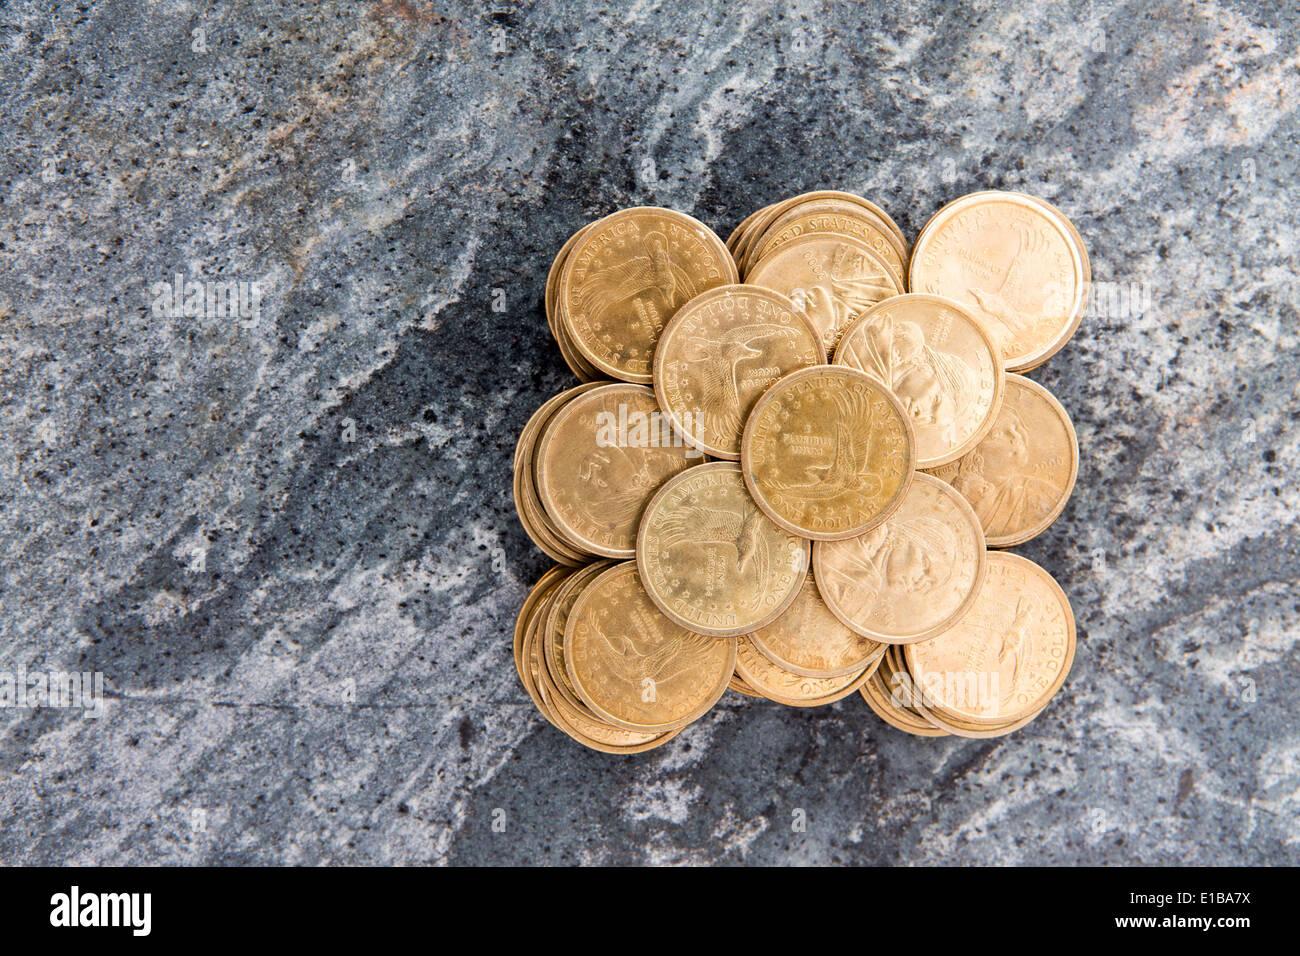 Overhead konzeptionelle finanziellen Hintergrundbild von einem Haufen von fein säuberlich gestapelt Dollar-Münzen in einem symmetrischen Muster auf einem s angeordnet Stockbild